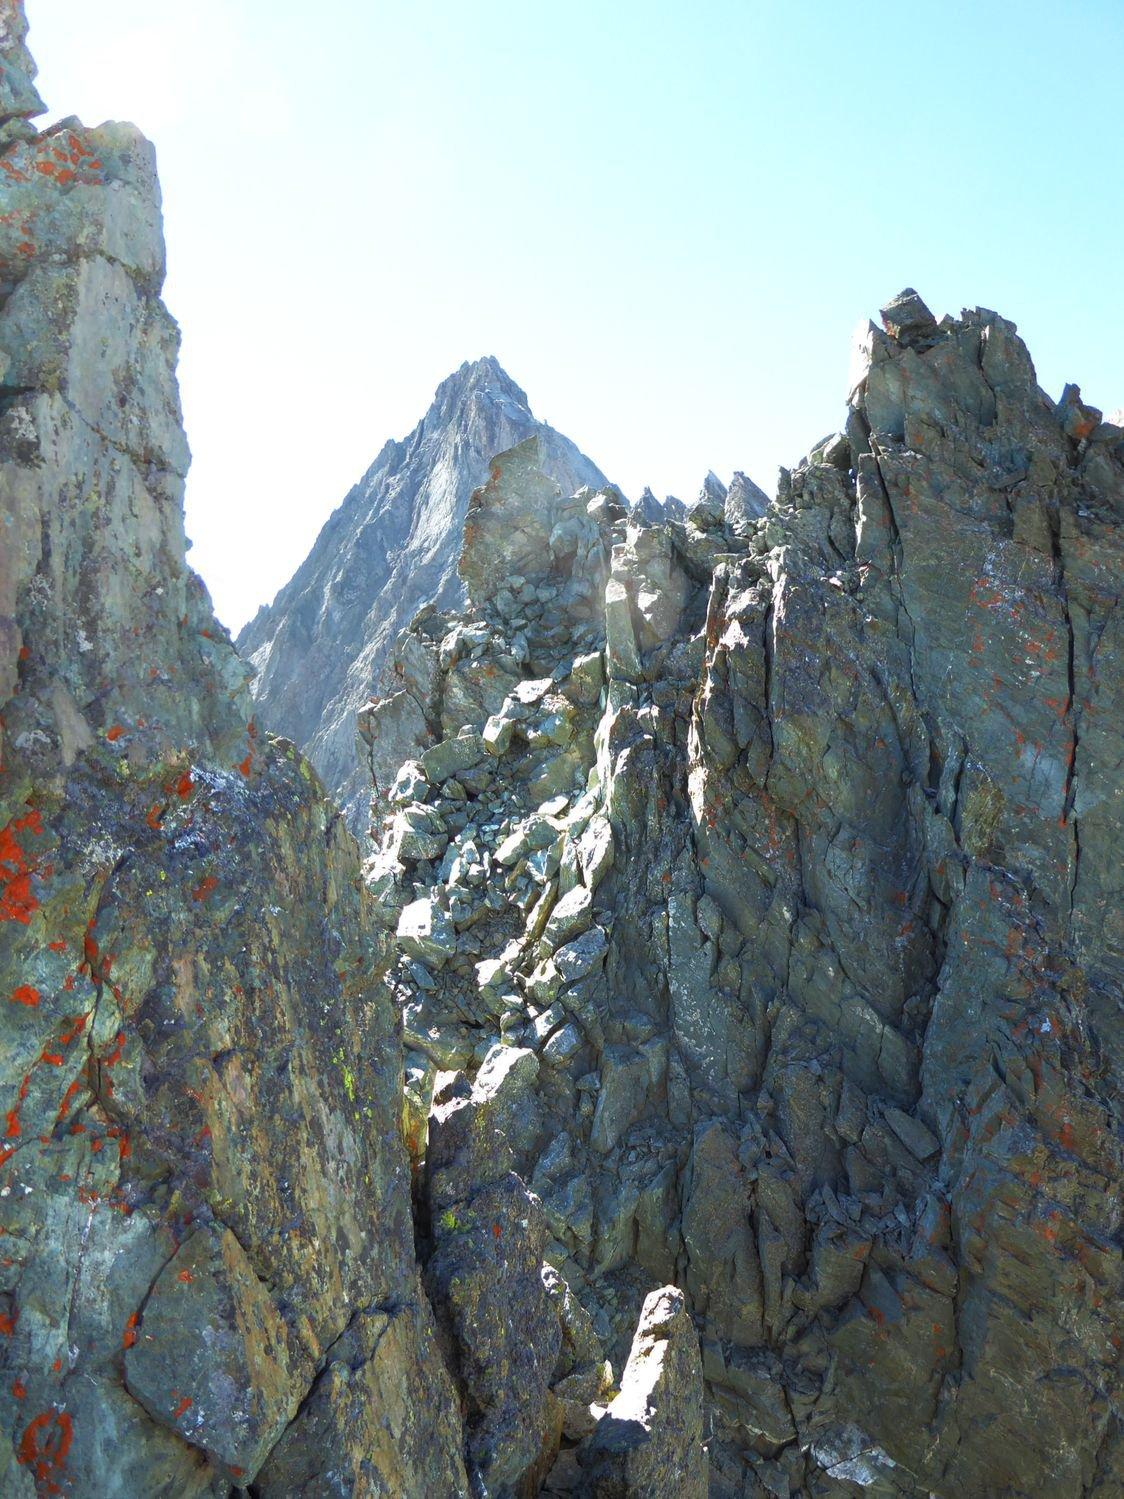 dalla sosta, finalmente si vede il punto culminante, si sale sui massi accatastati e pericolanti sotto la verticale Bessanese